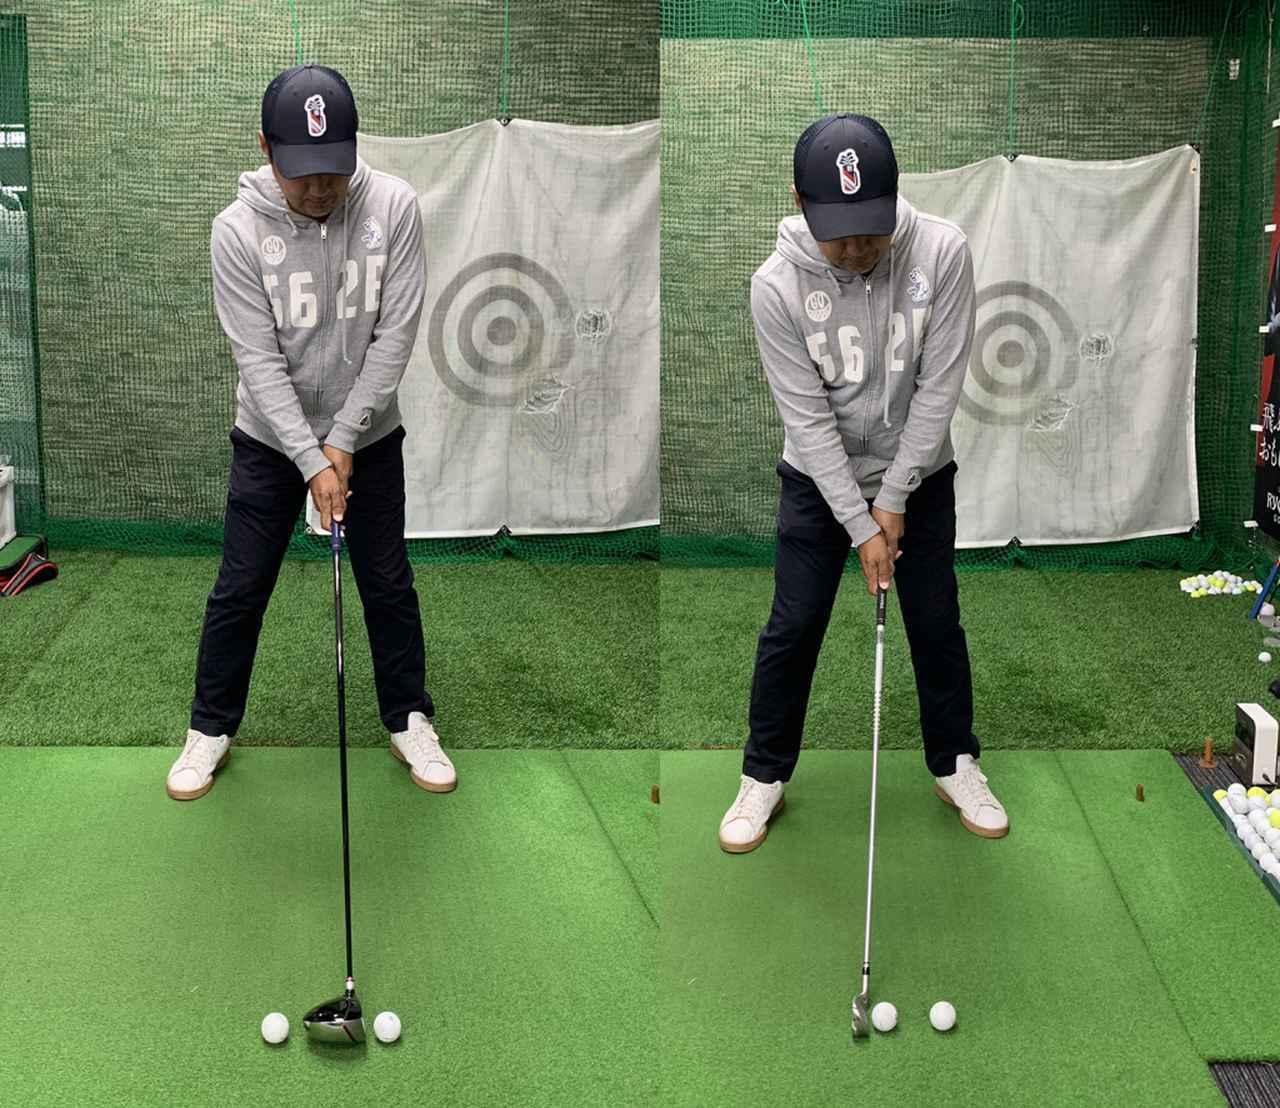 画像: ドライバーのボール位置は左わき下の少し左で、アイアンは最下点よりも少し右になります